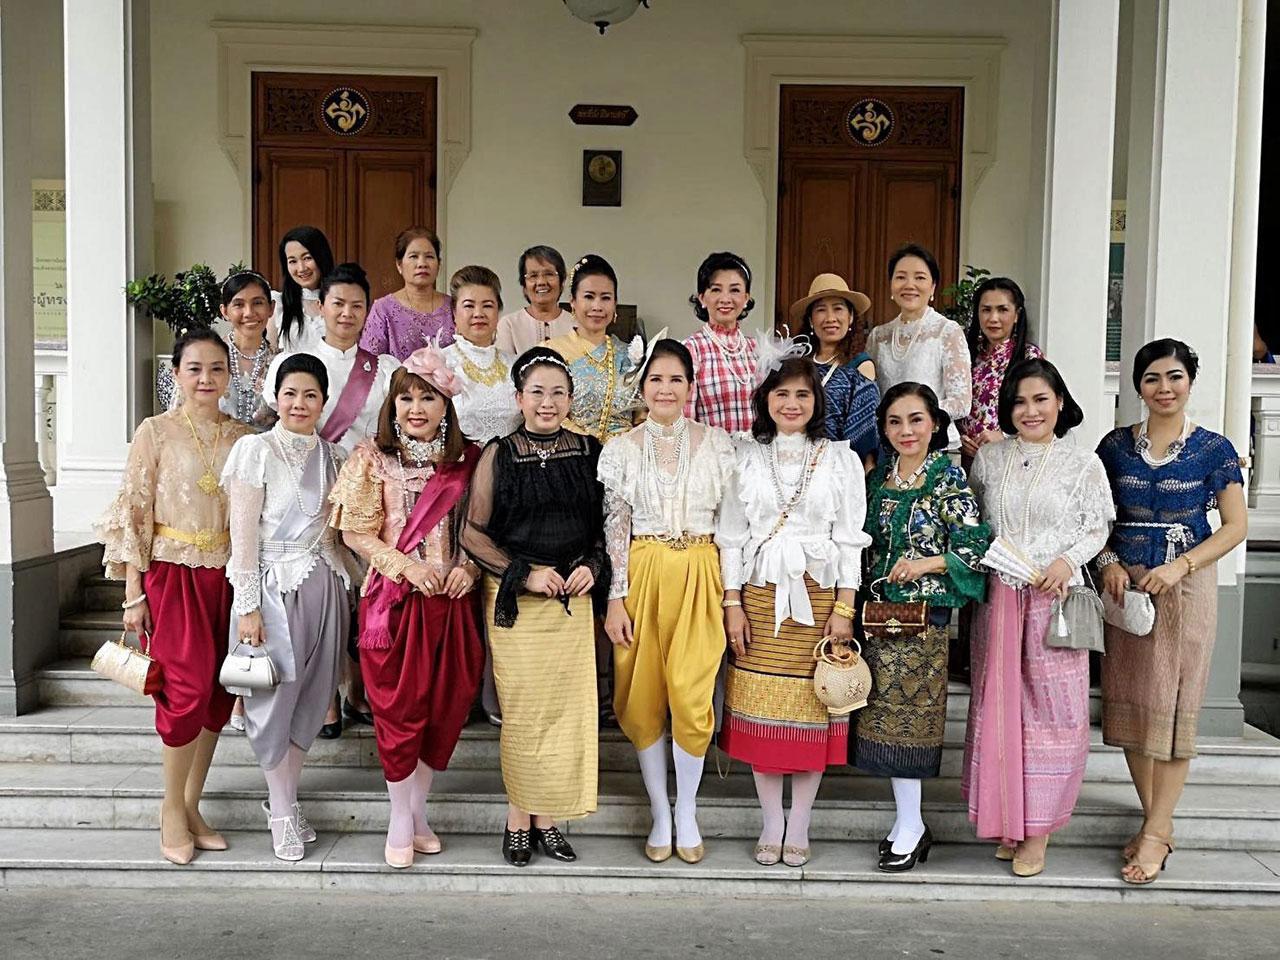 น.ส.ณญาดา อมตวณิชย์ ประธานชมรมสานใจสายใยผ้าซิ่น พร้อมด้วยคณะกรรมการ จัดทริปนำสมาชิกแต่งชุดไทยเที่ยวชมพระราชวังพญาไท เพื่อส่งเสริมการแต่งกายชุดไทยสมัยต่างๆ และแต่งกายด้วยผ้าไทยท่องเที่ยวเชิงวัฒนธรรม.